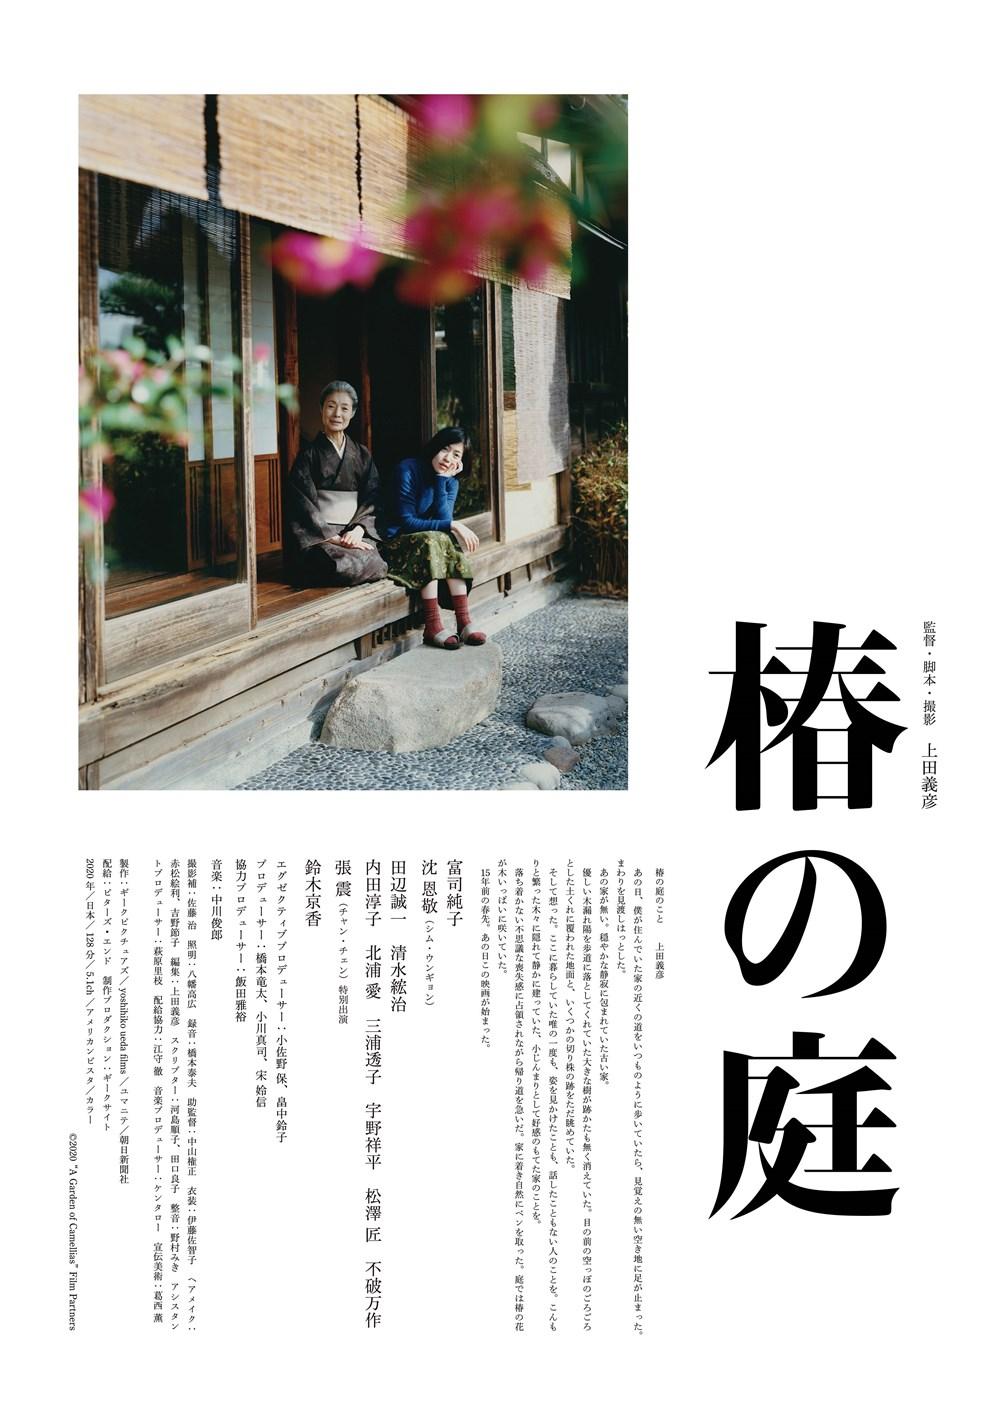 【画像】映画『椿の庭』ポスタービジュアル